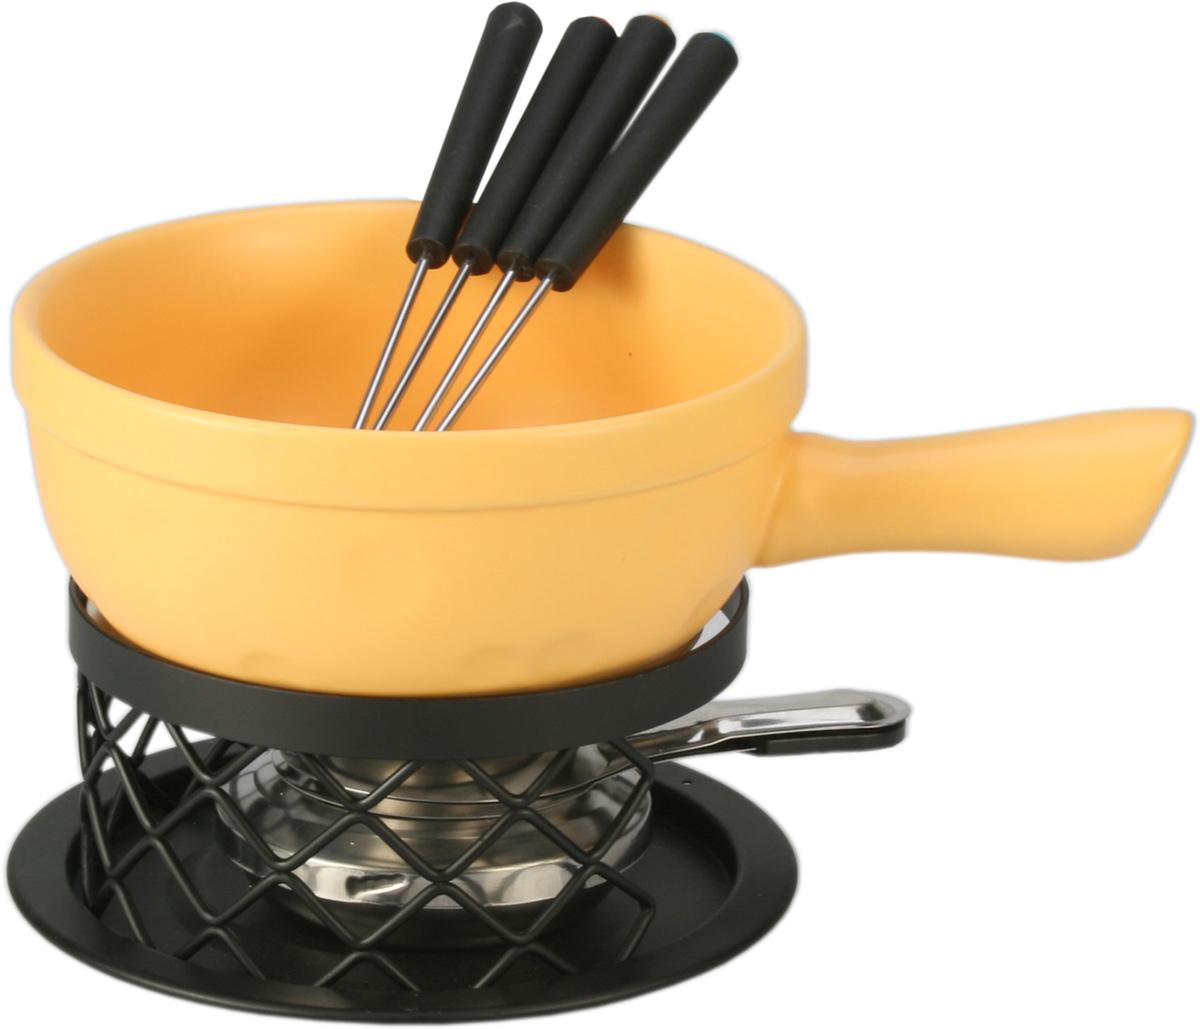 Набор для фондю Fissman Amber, 9 предметовFD-6352.9Набор для фондю Fissman Amber состоит из керамической миски с ручкой, 4 вилочек, подставки, горелки, алюминиевого диска и тарелки. Такой набор идеален для вечернего застолья в окружении семьи или друзей. Изделие выполнено в теплых уютных тонах и отличается оригинальным дизайном. Используйте этот набор для приготовления сырных или сладких смесей для фондю. Нарежьте кусочки хлеба, мяса, овощей, бананов, клубники, ананаса или зефира на кубики. Этот универсальный набор позволит каждому из ваших гостей насладиться тем продуктом, который ему нравится больше всего. Можно мыть в посудомоечной машине.